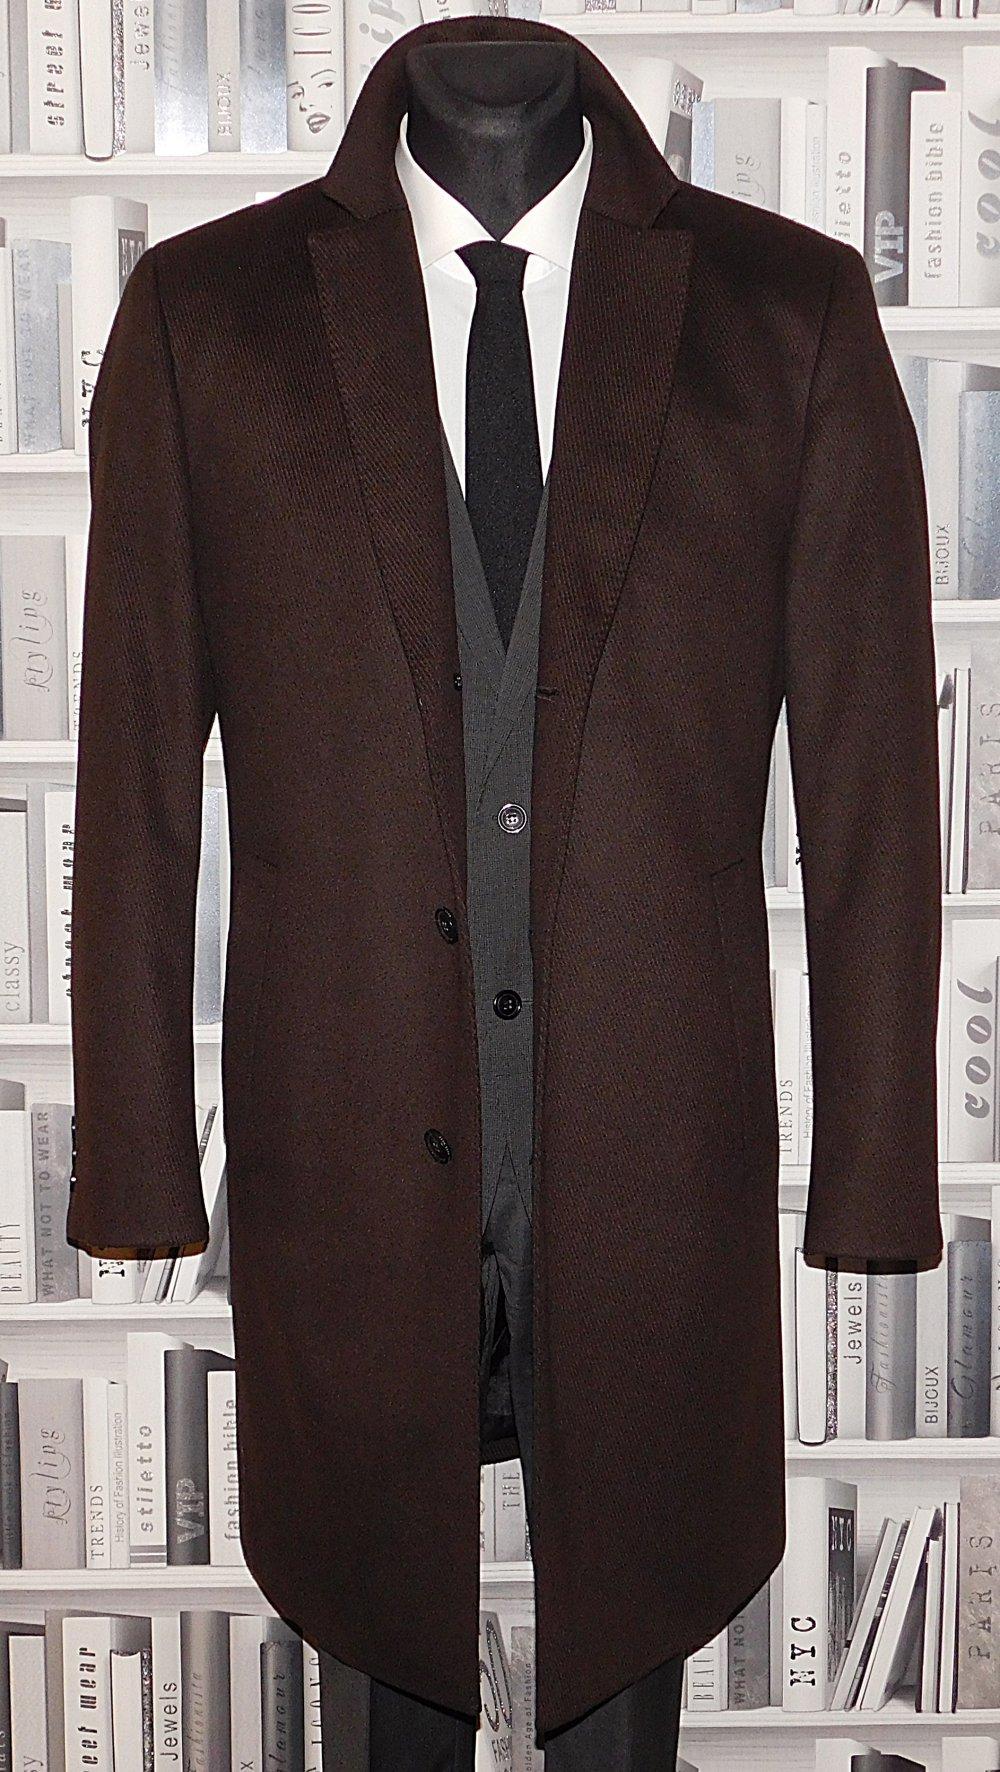 Kleidung & Accessoires Clever @@@ Hugo Boss Herren Kurzmantel Jacke Größe 58 Cashmere Wolle Top @@@ SchöN In Farbe